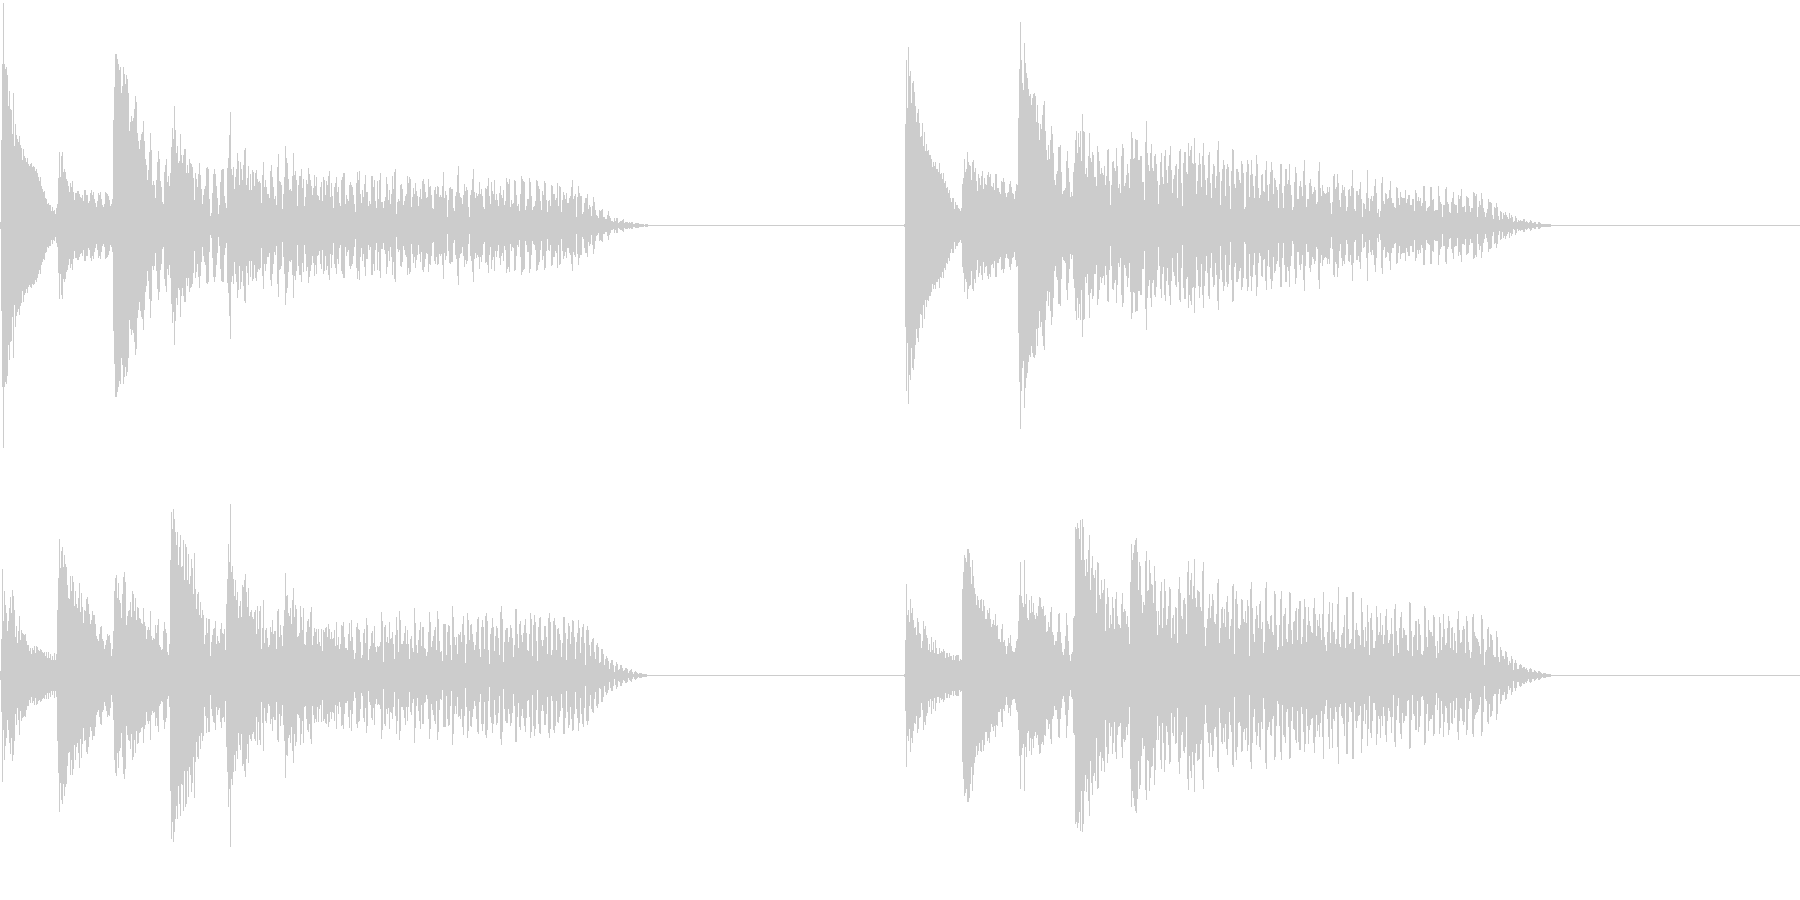 着信音 ループ お知らせ 通知 10の未再生の波形